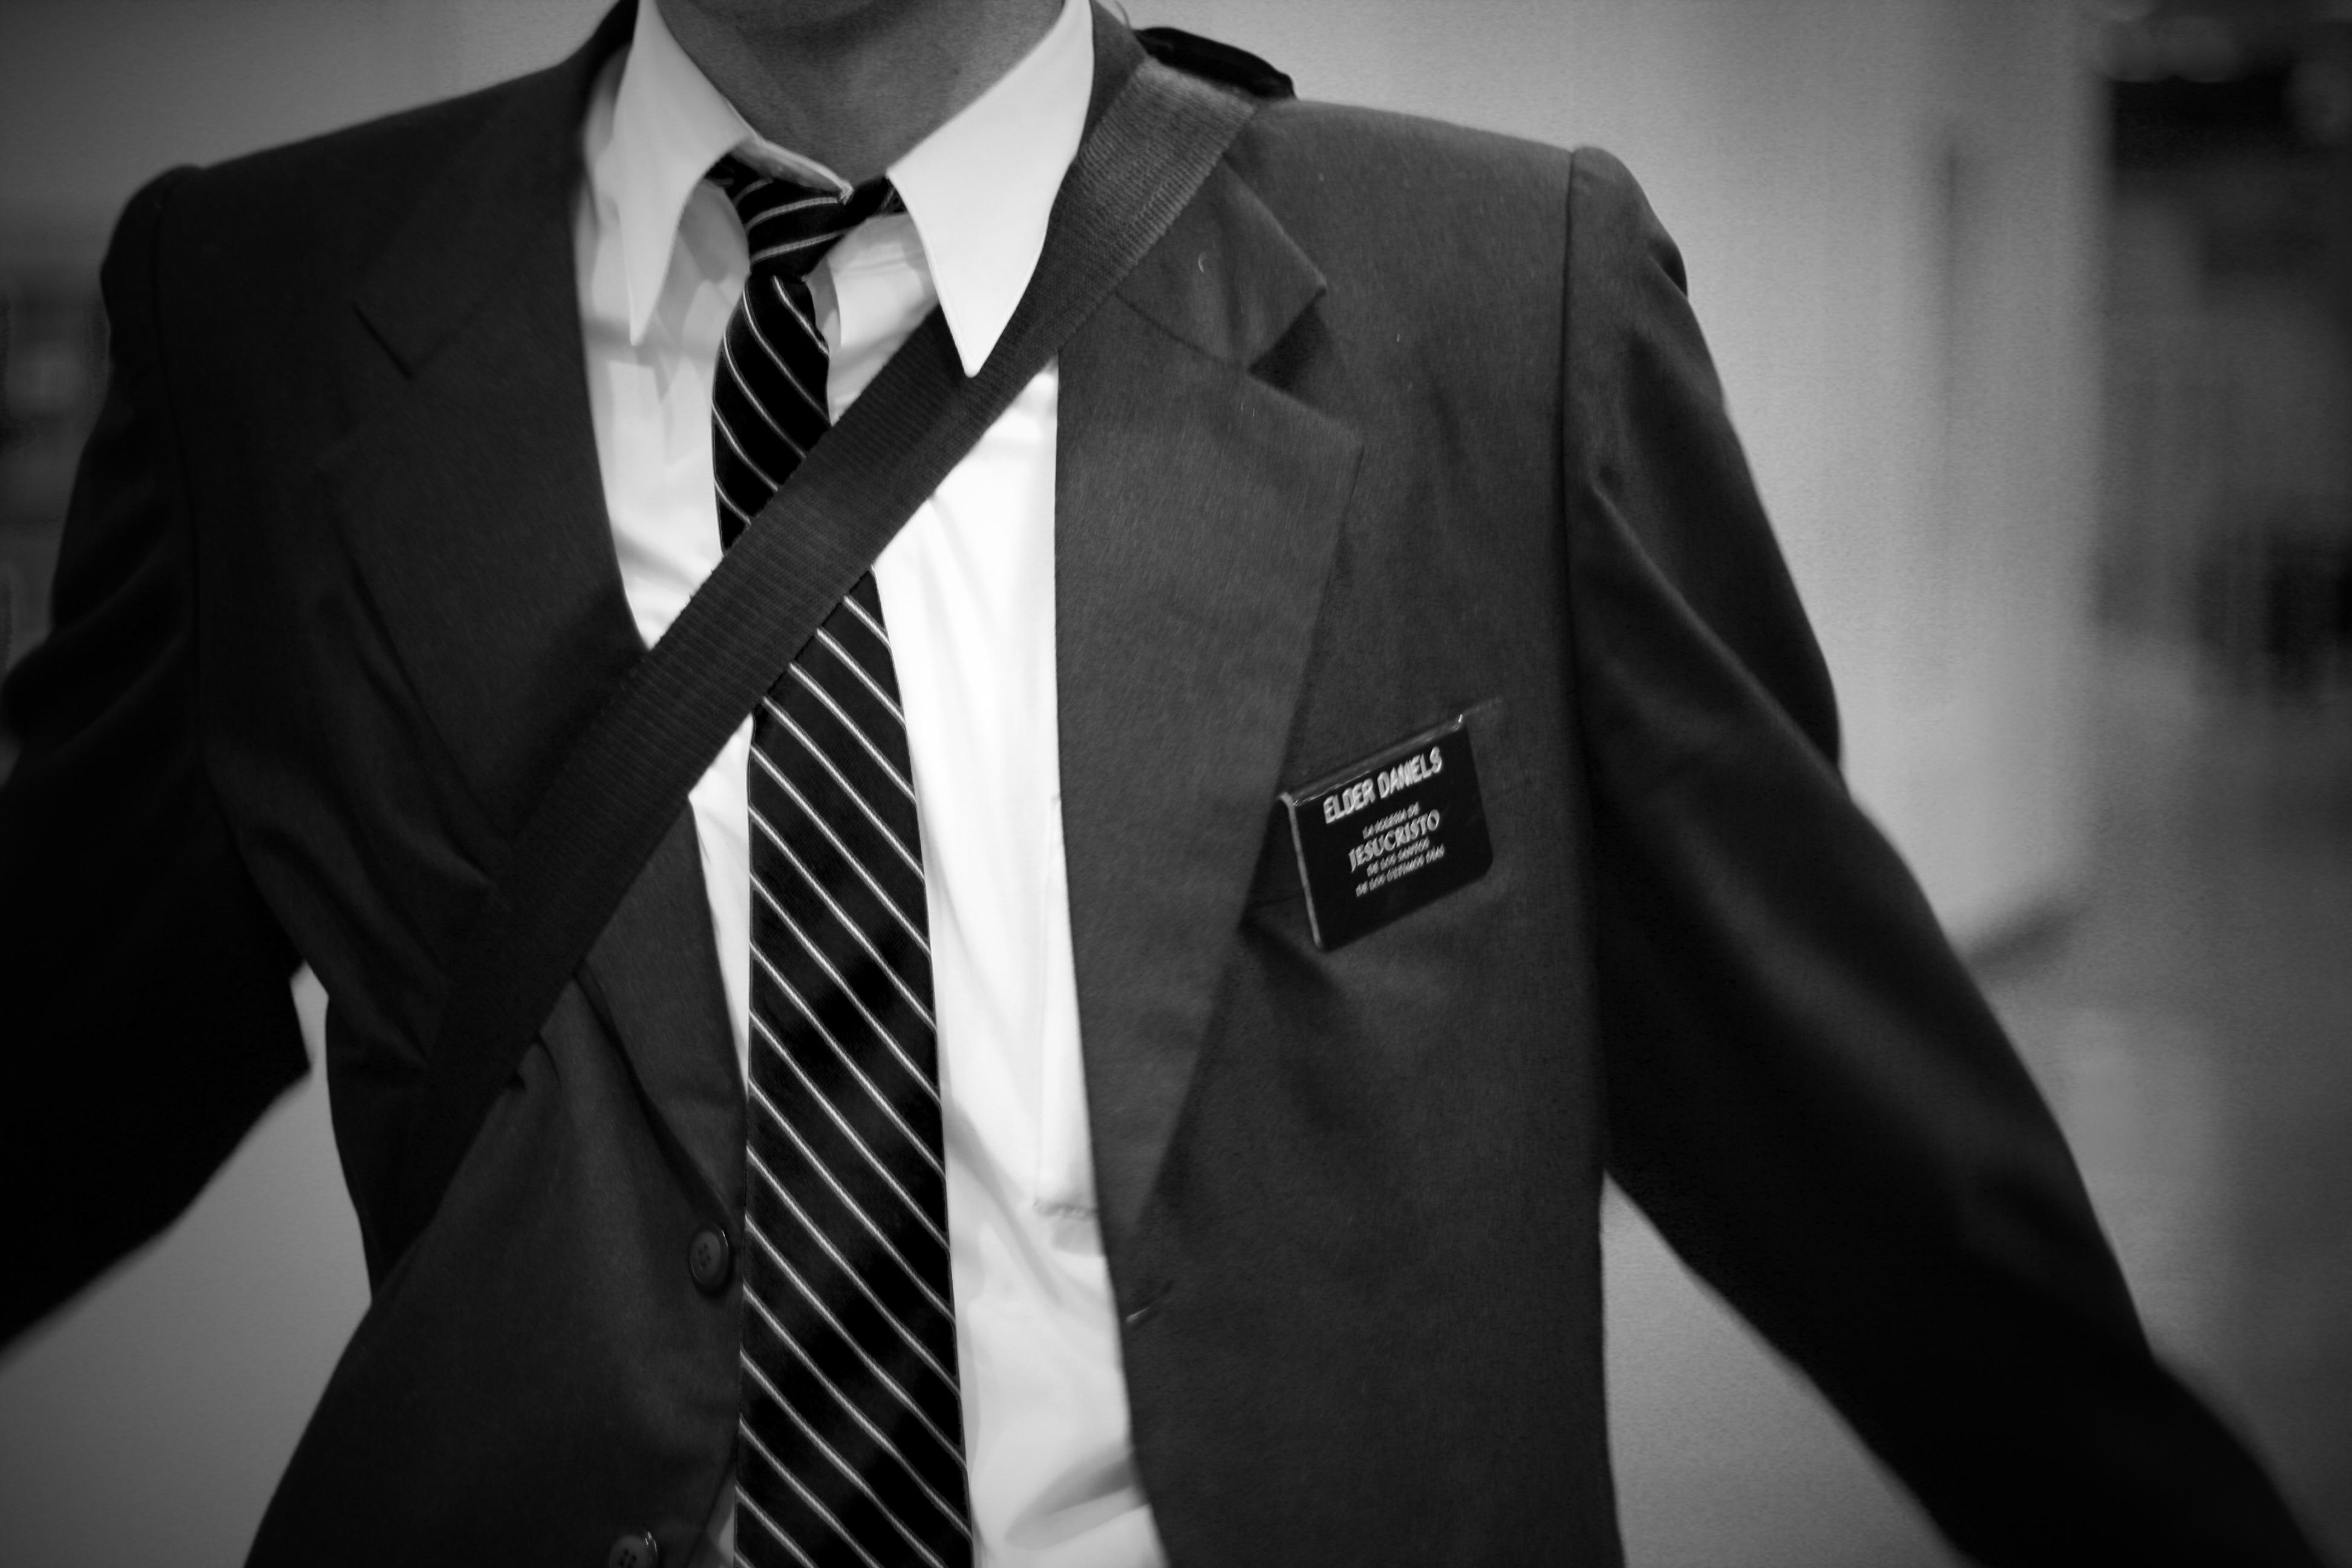 Nuevo código de vestimenta para misioneros